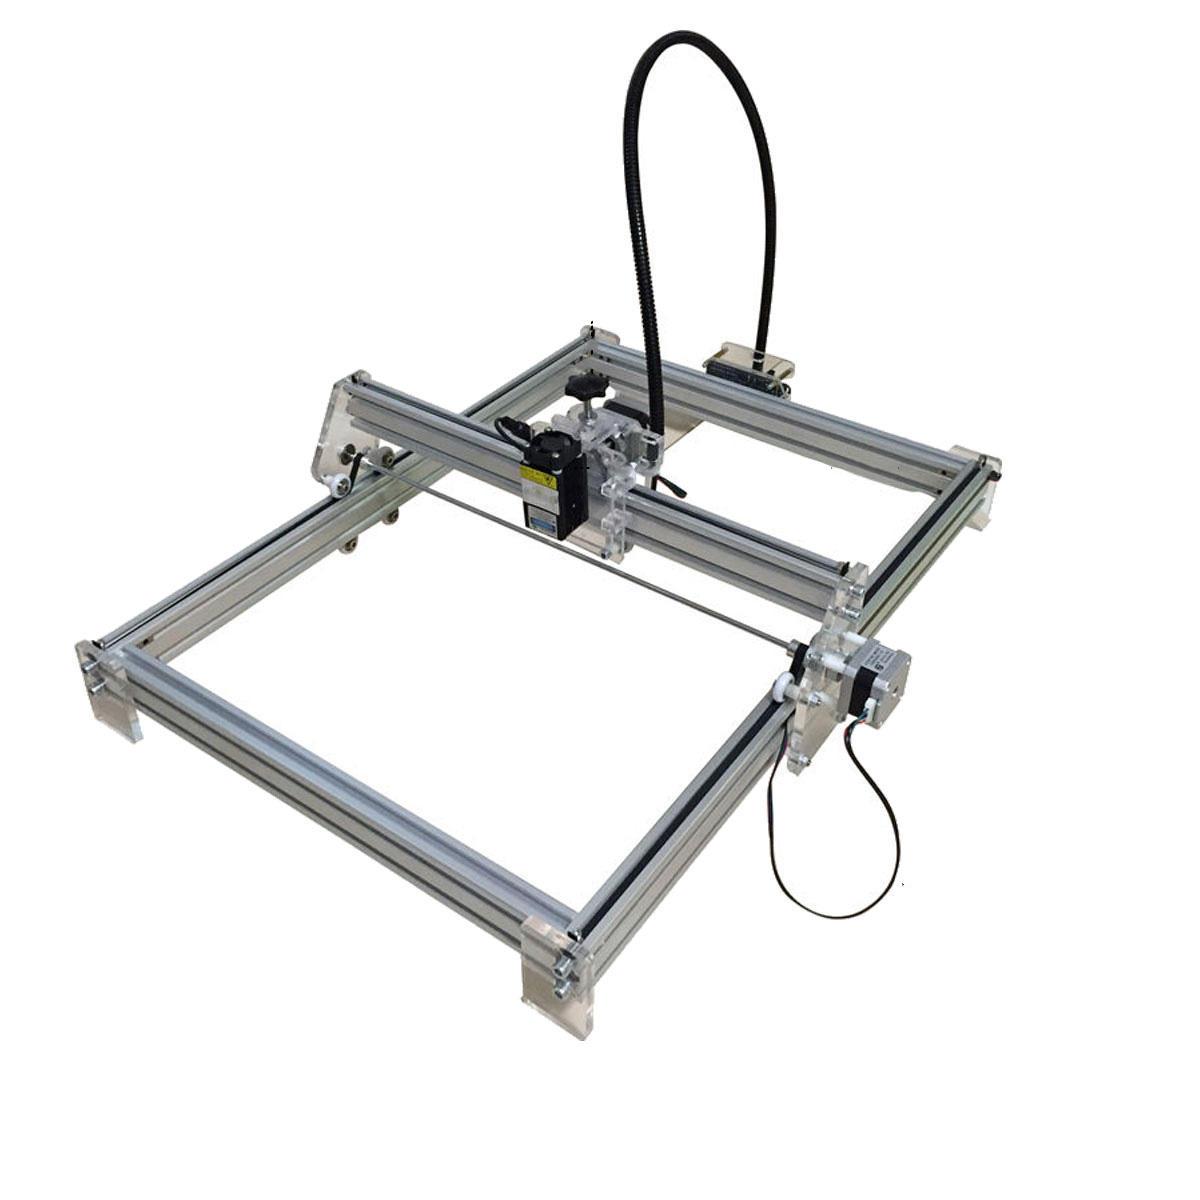 7000mW CNC Laser Engraver Cutter Laser Engraving Machine  DIY Logo Mark Printer Machine Kit Part